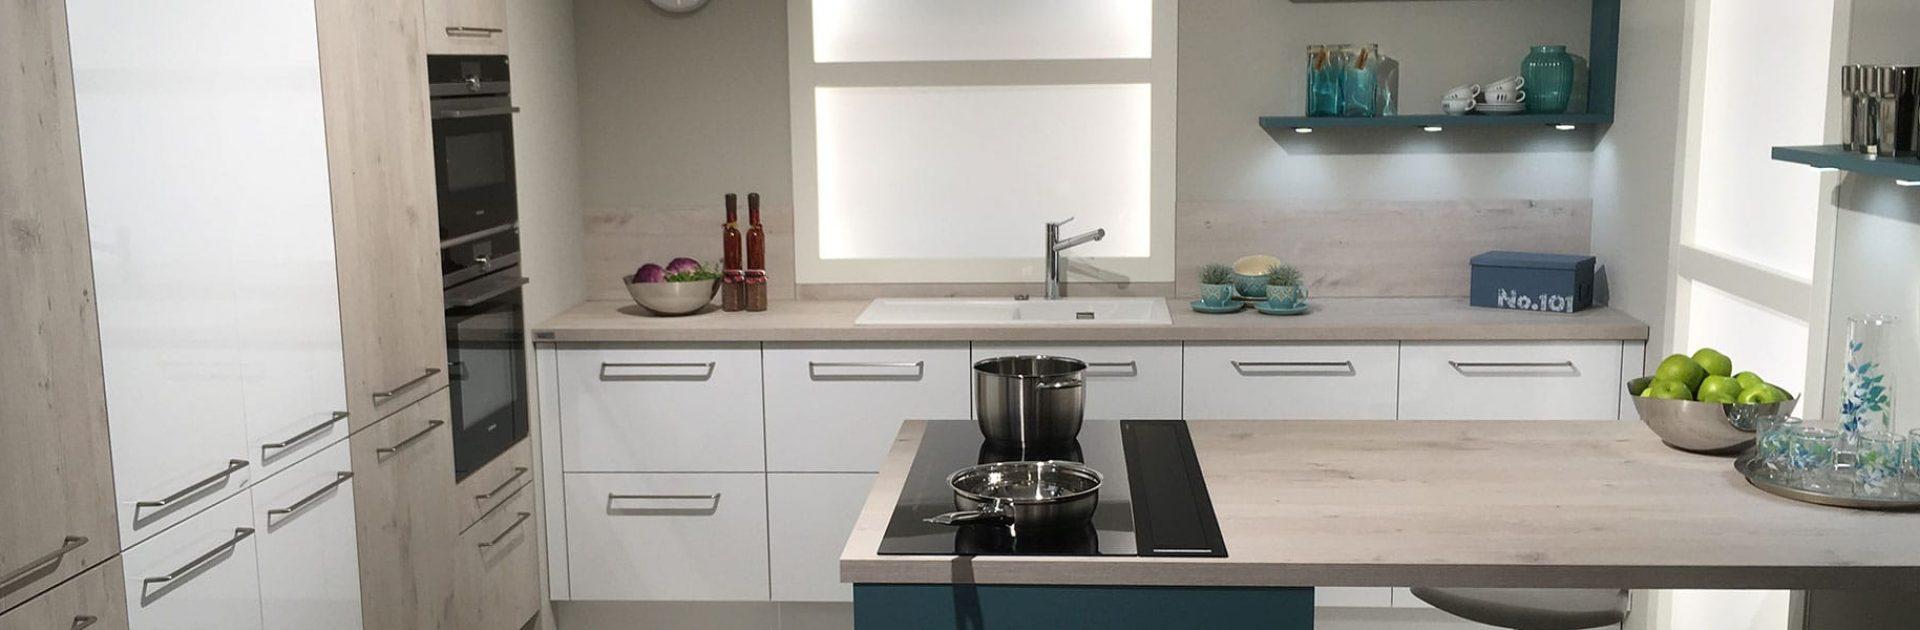 Tips voor de kleine keuken